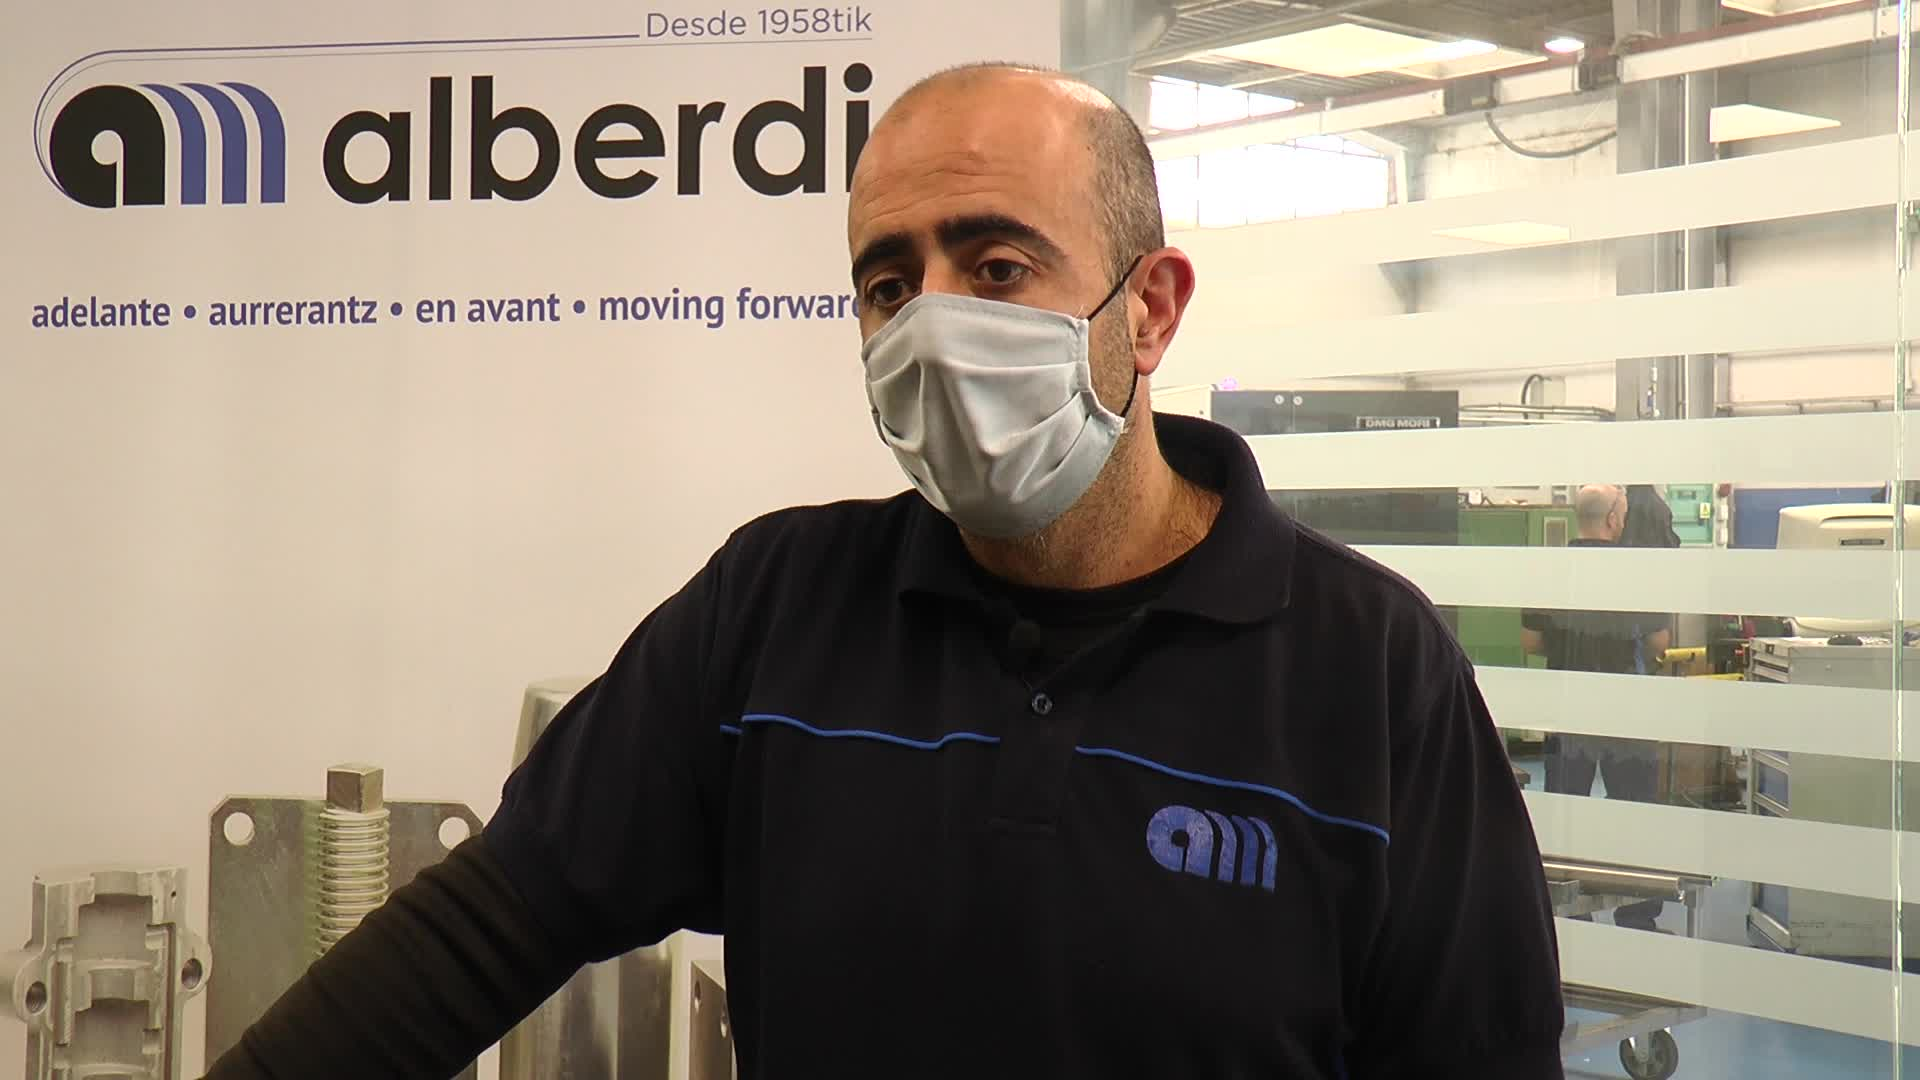 Alberdi Mekanizatu Lanak enpresa osatu dute Mecanizados Gurrutxaga eta Alberdi Mekanizatuak enpresek